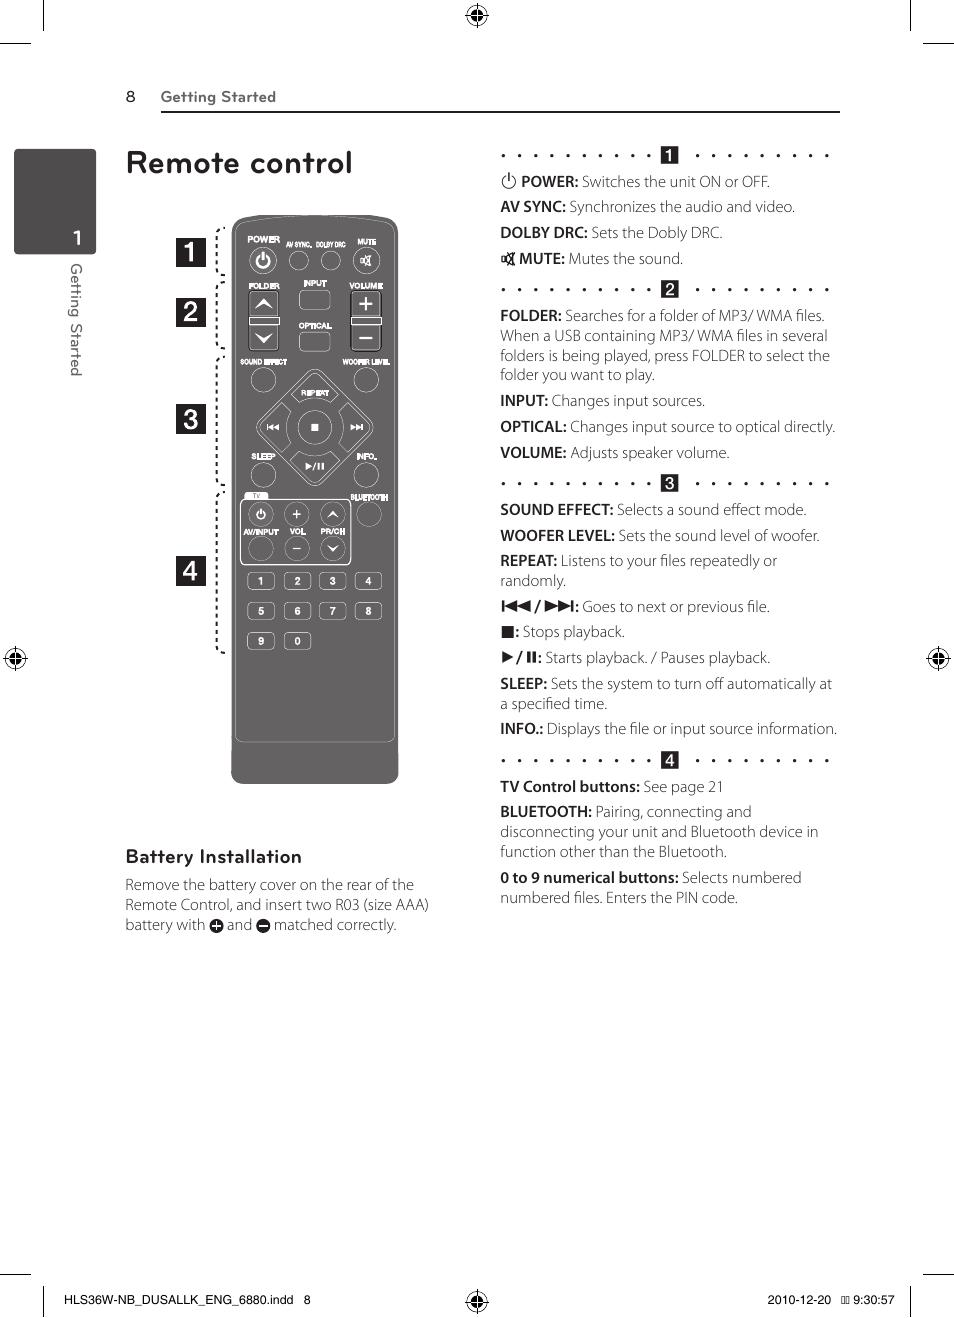 Remote control | LG SPEAKER SOUND BAR SHS36-D User Manual | Page 8